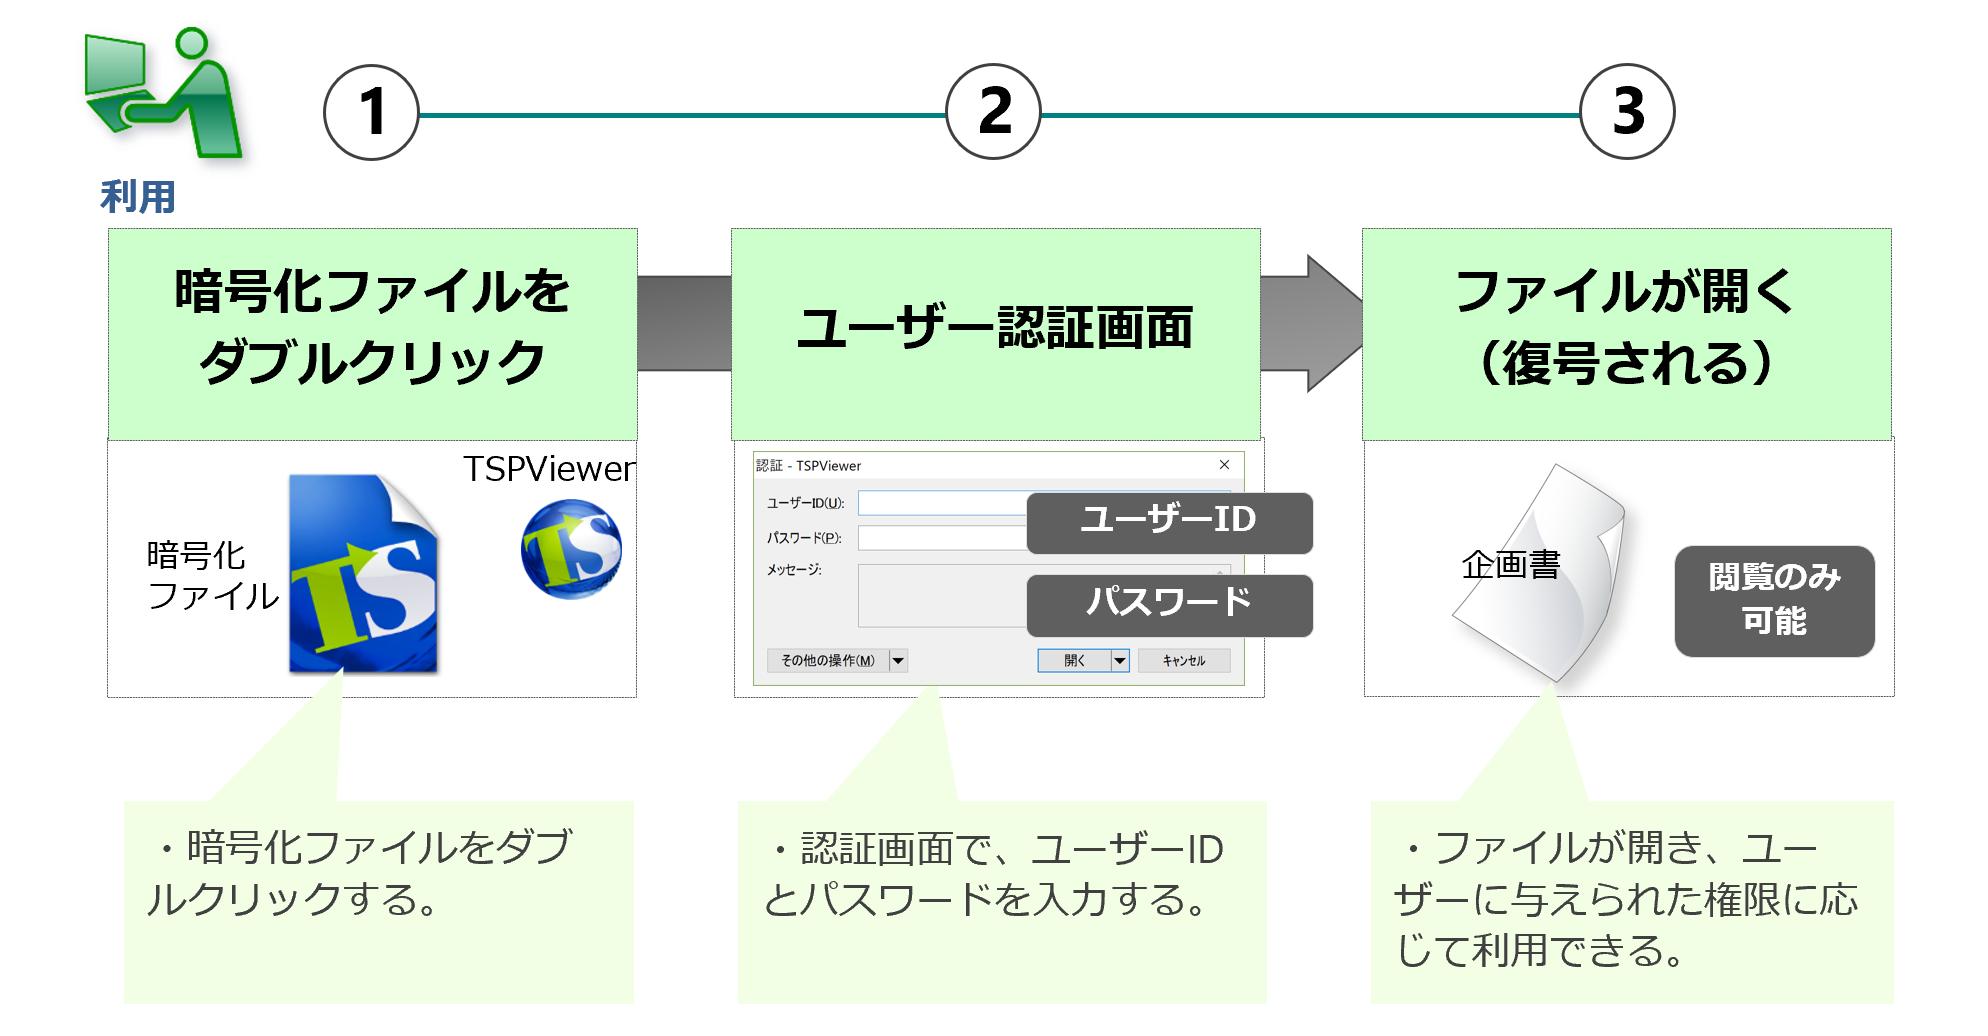 暗号化ファイルの利用(利用者)